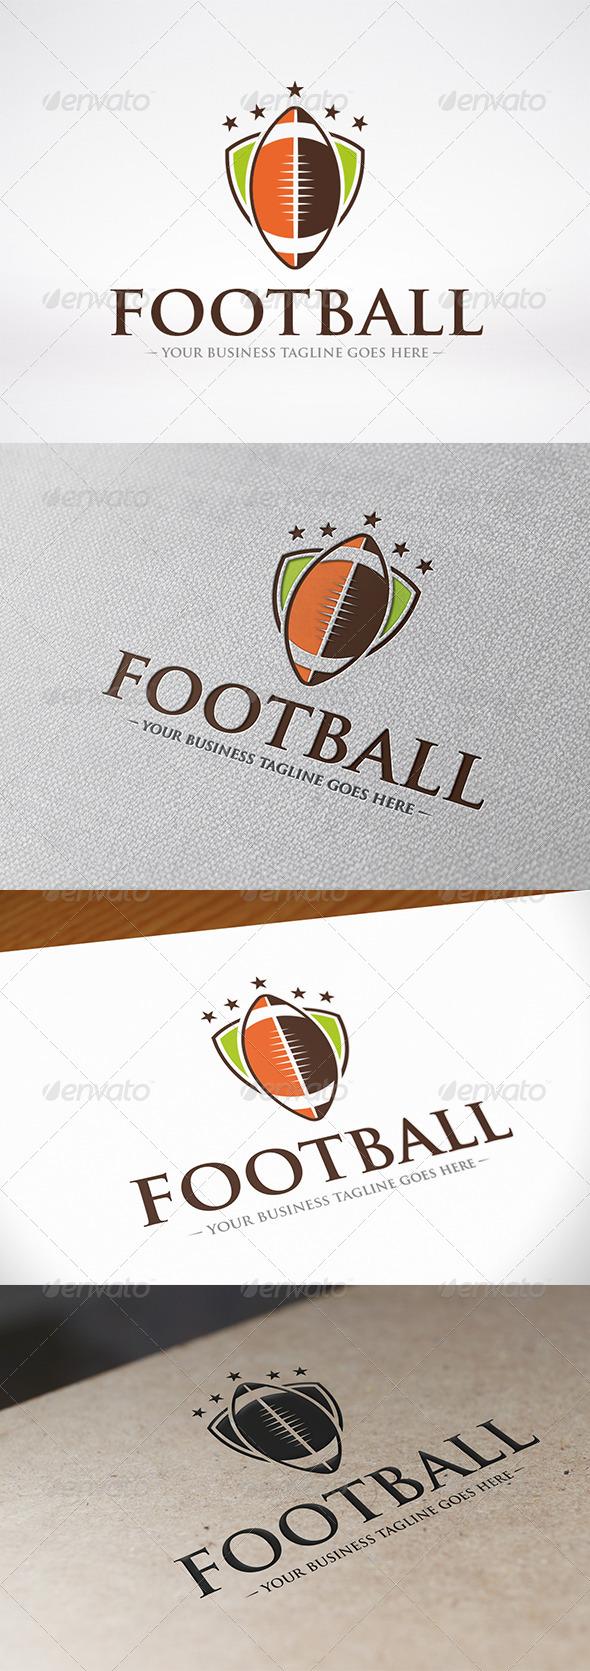 GraphicRiver Football Logo 6825817